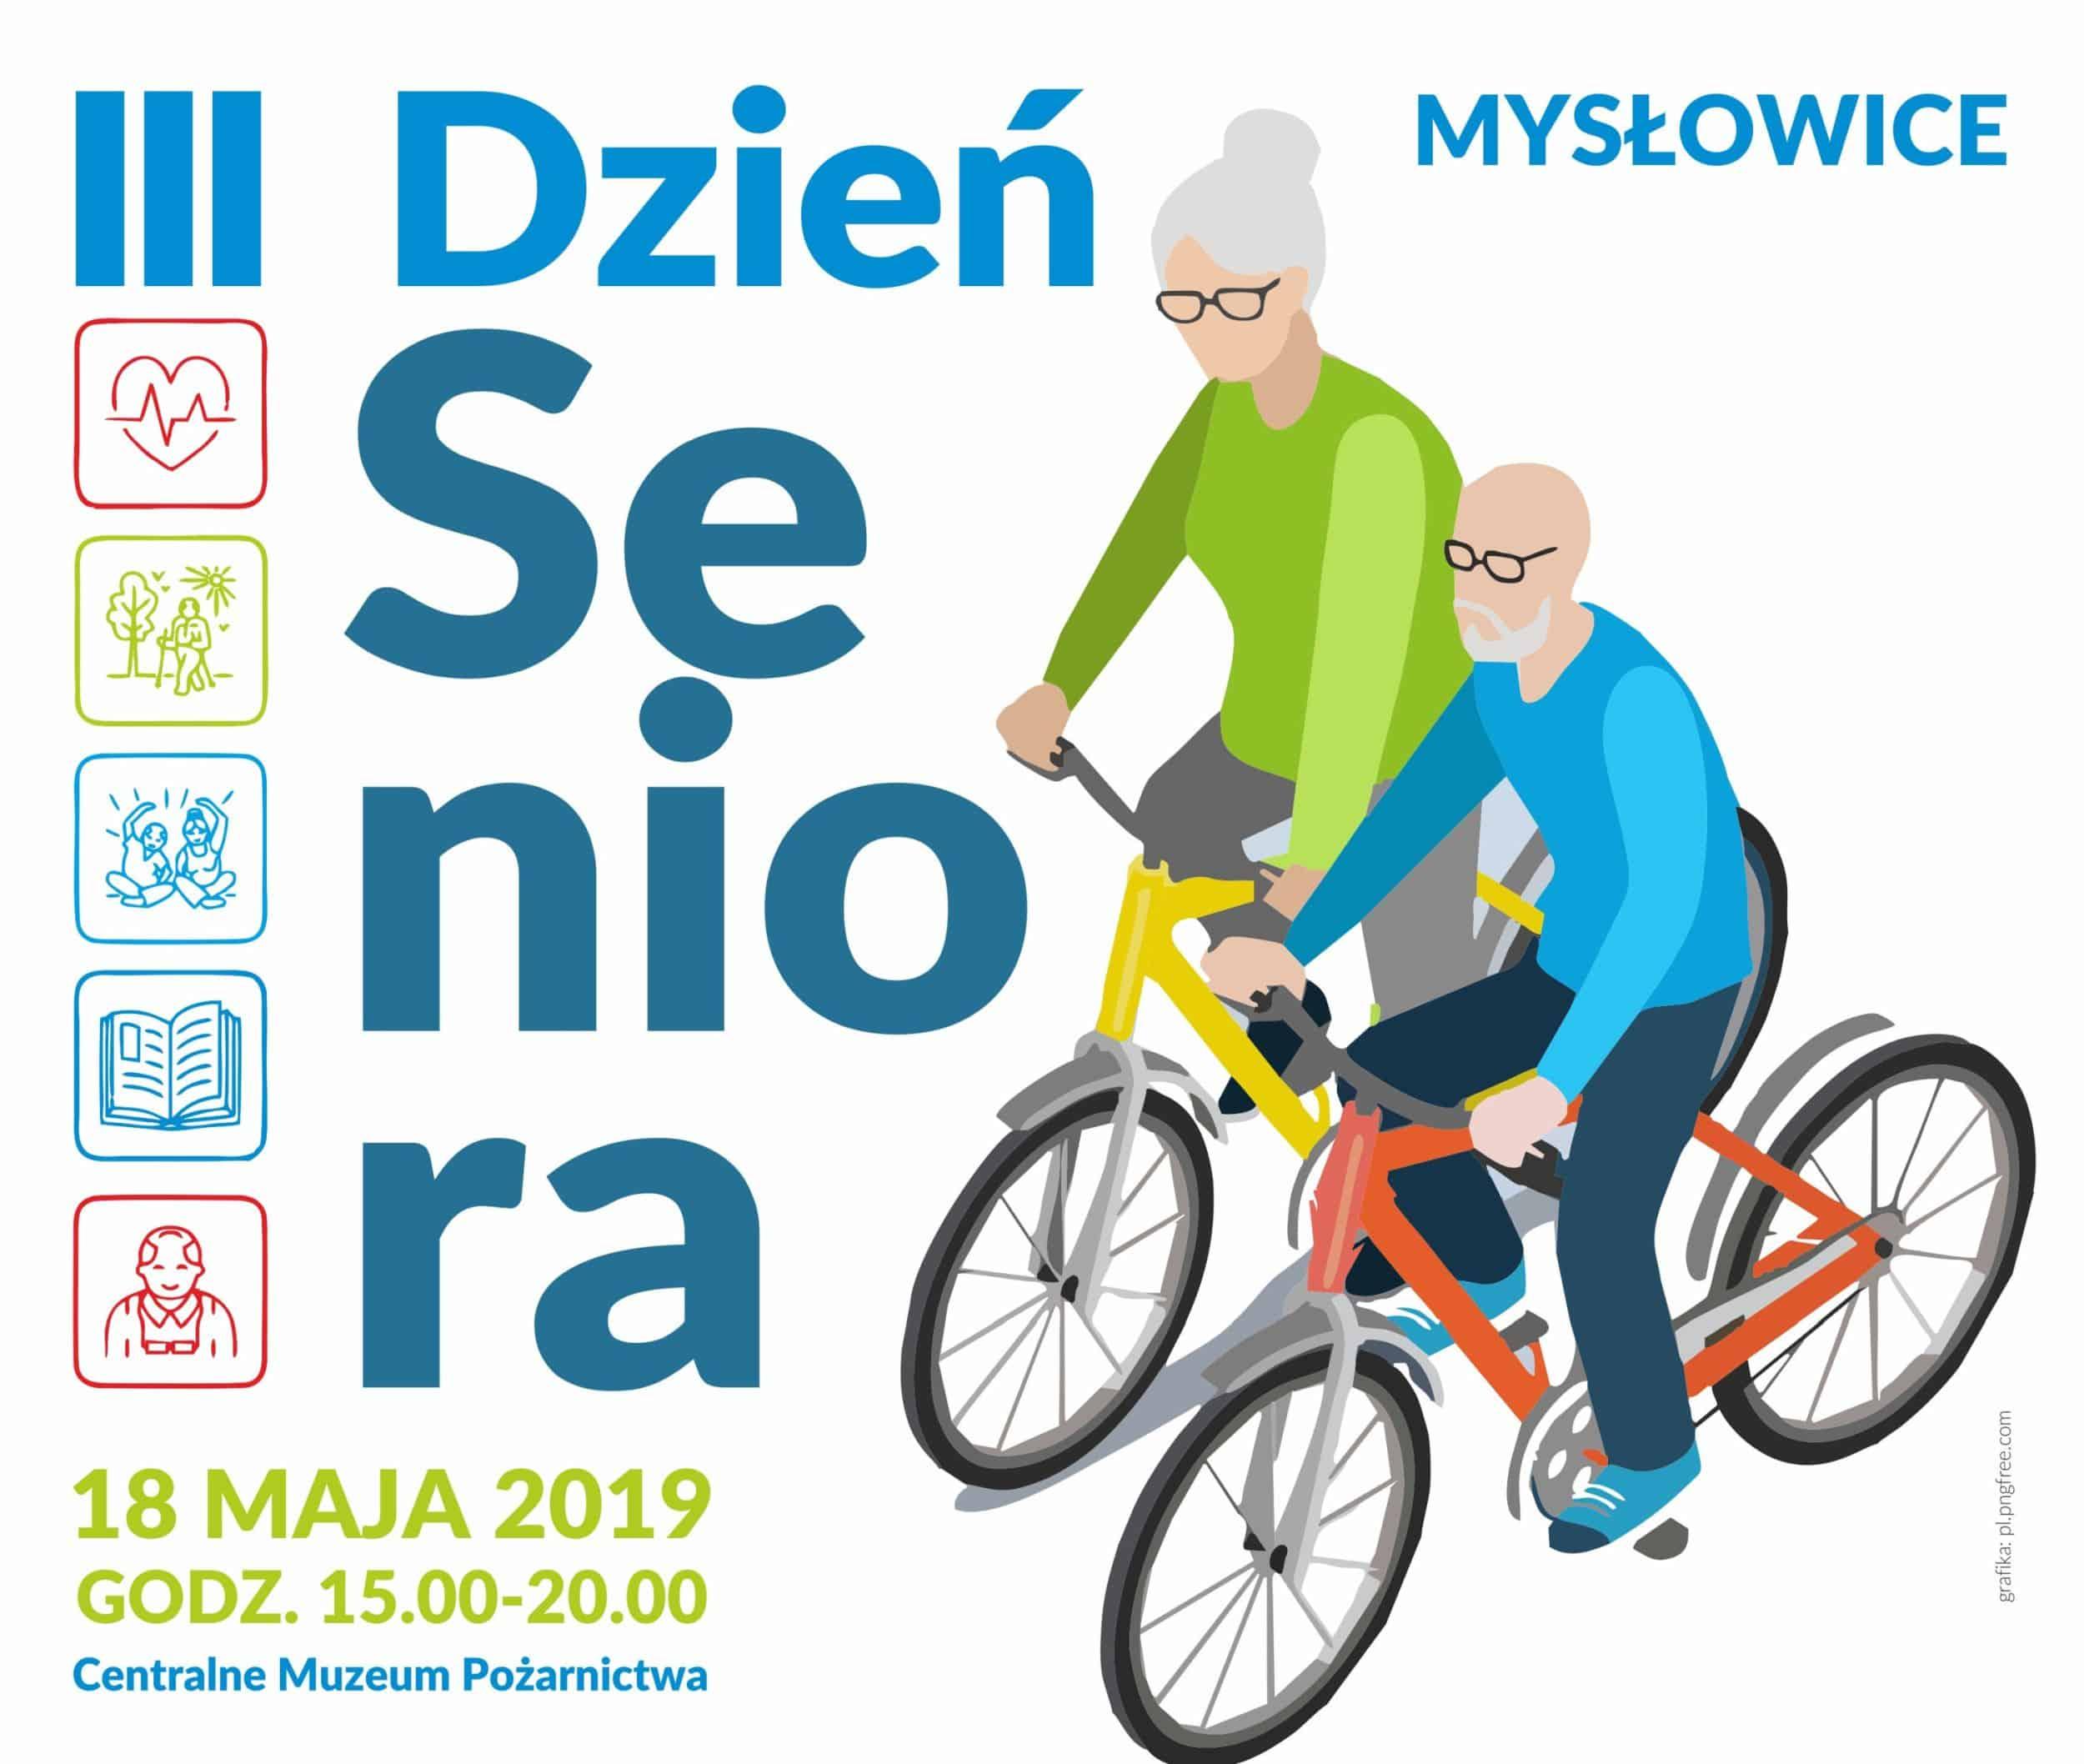 III Dzień Seniora w Mysłowicach już 18 maja